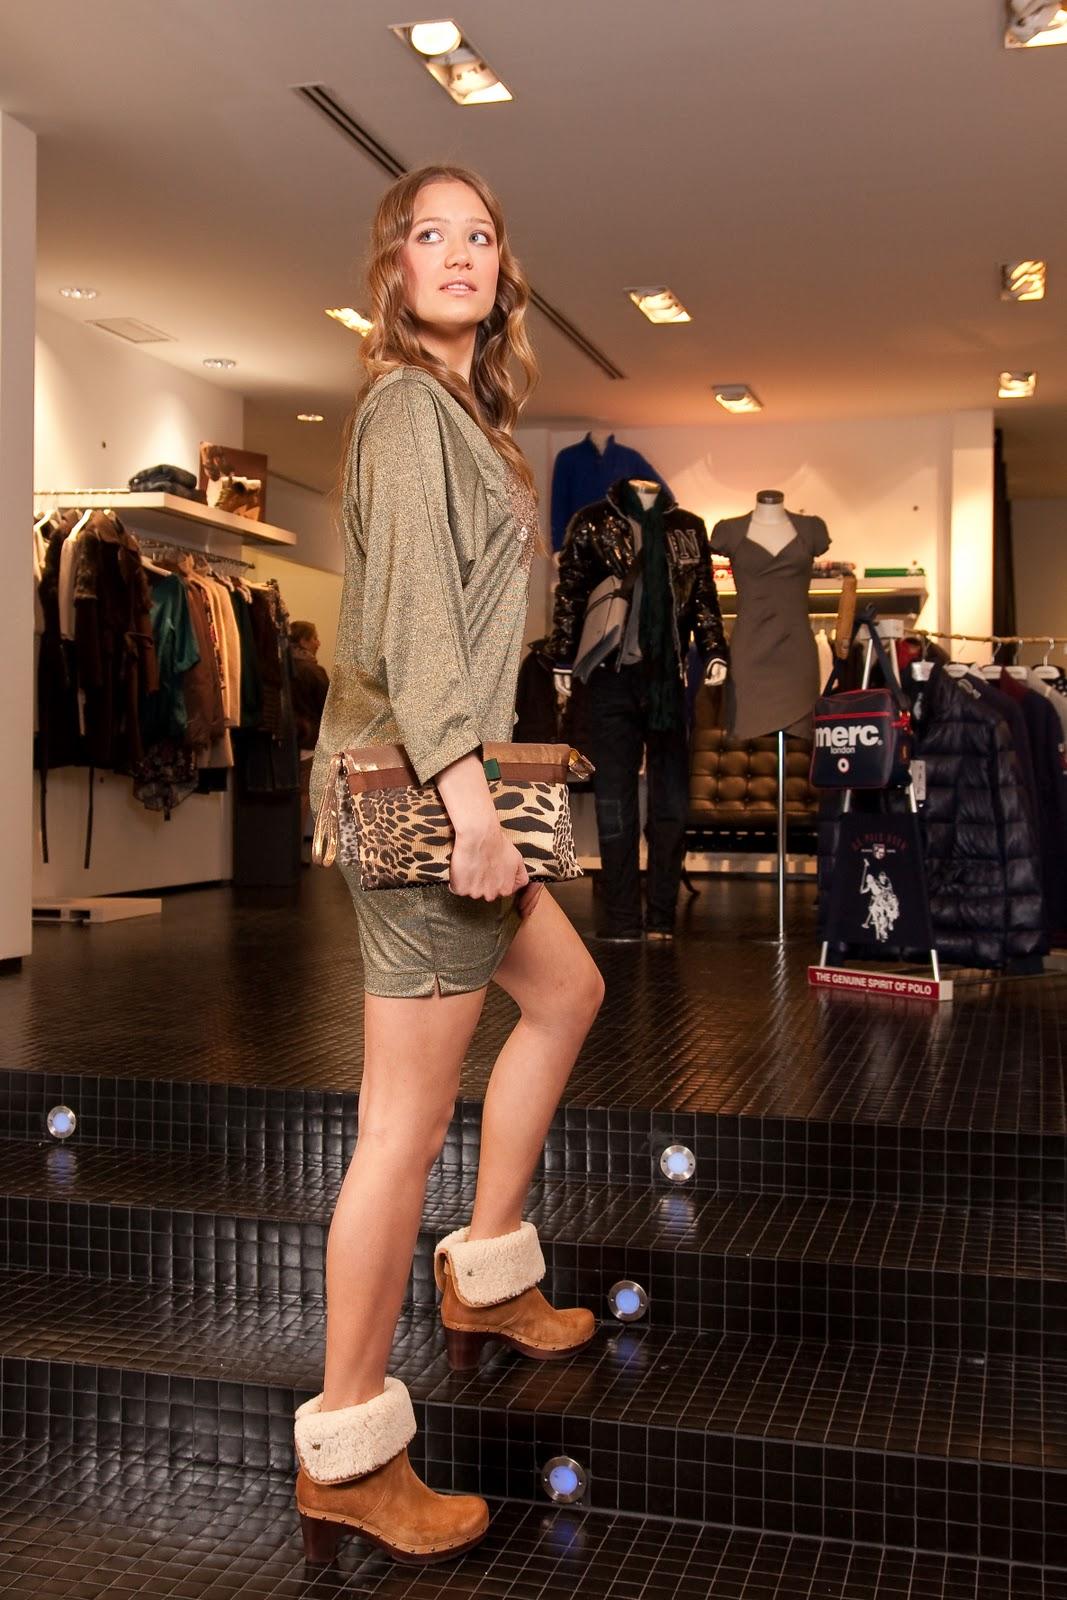 Coutureclubmarket covsins presenta la marca ugg en vigo - Lamarca vigo ...